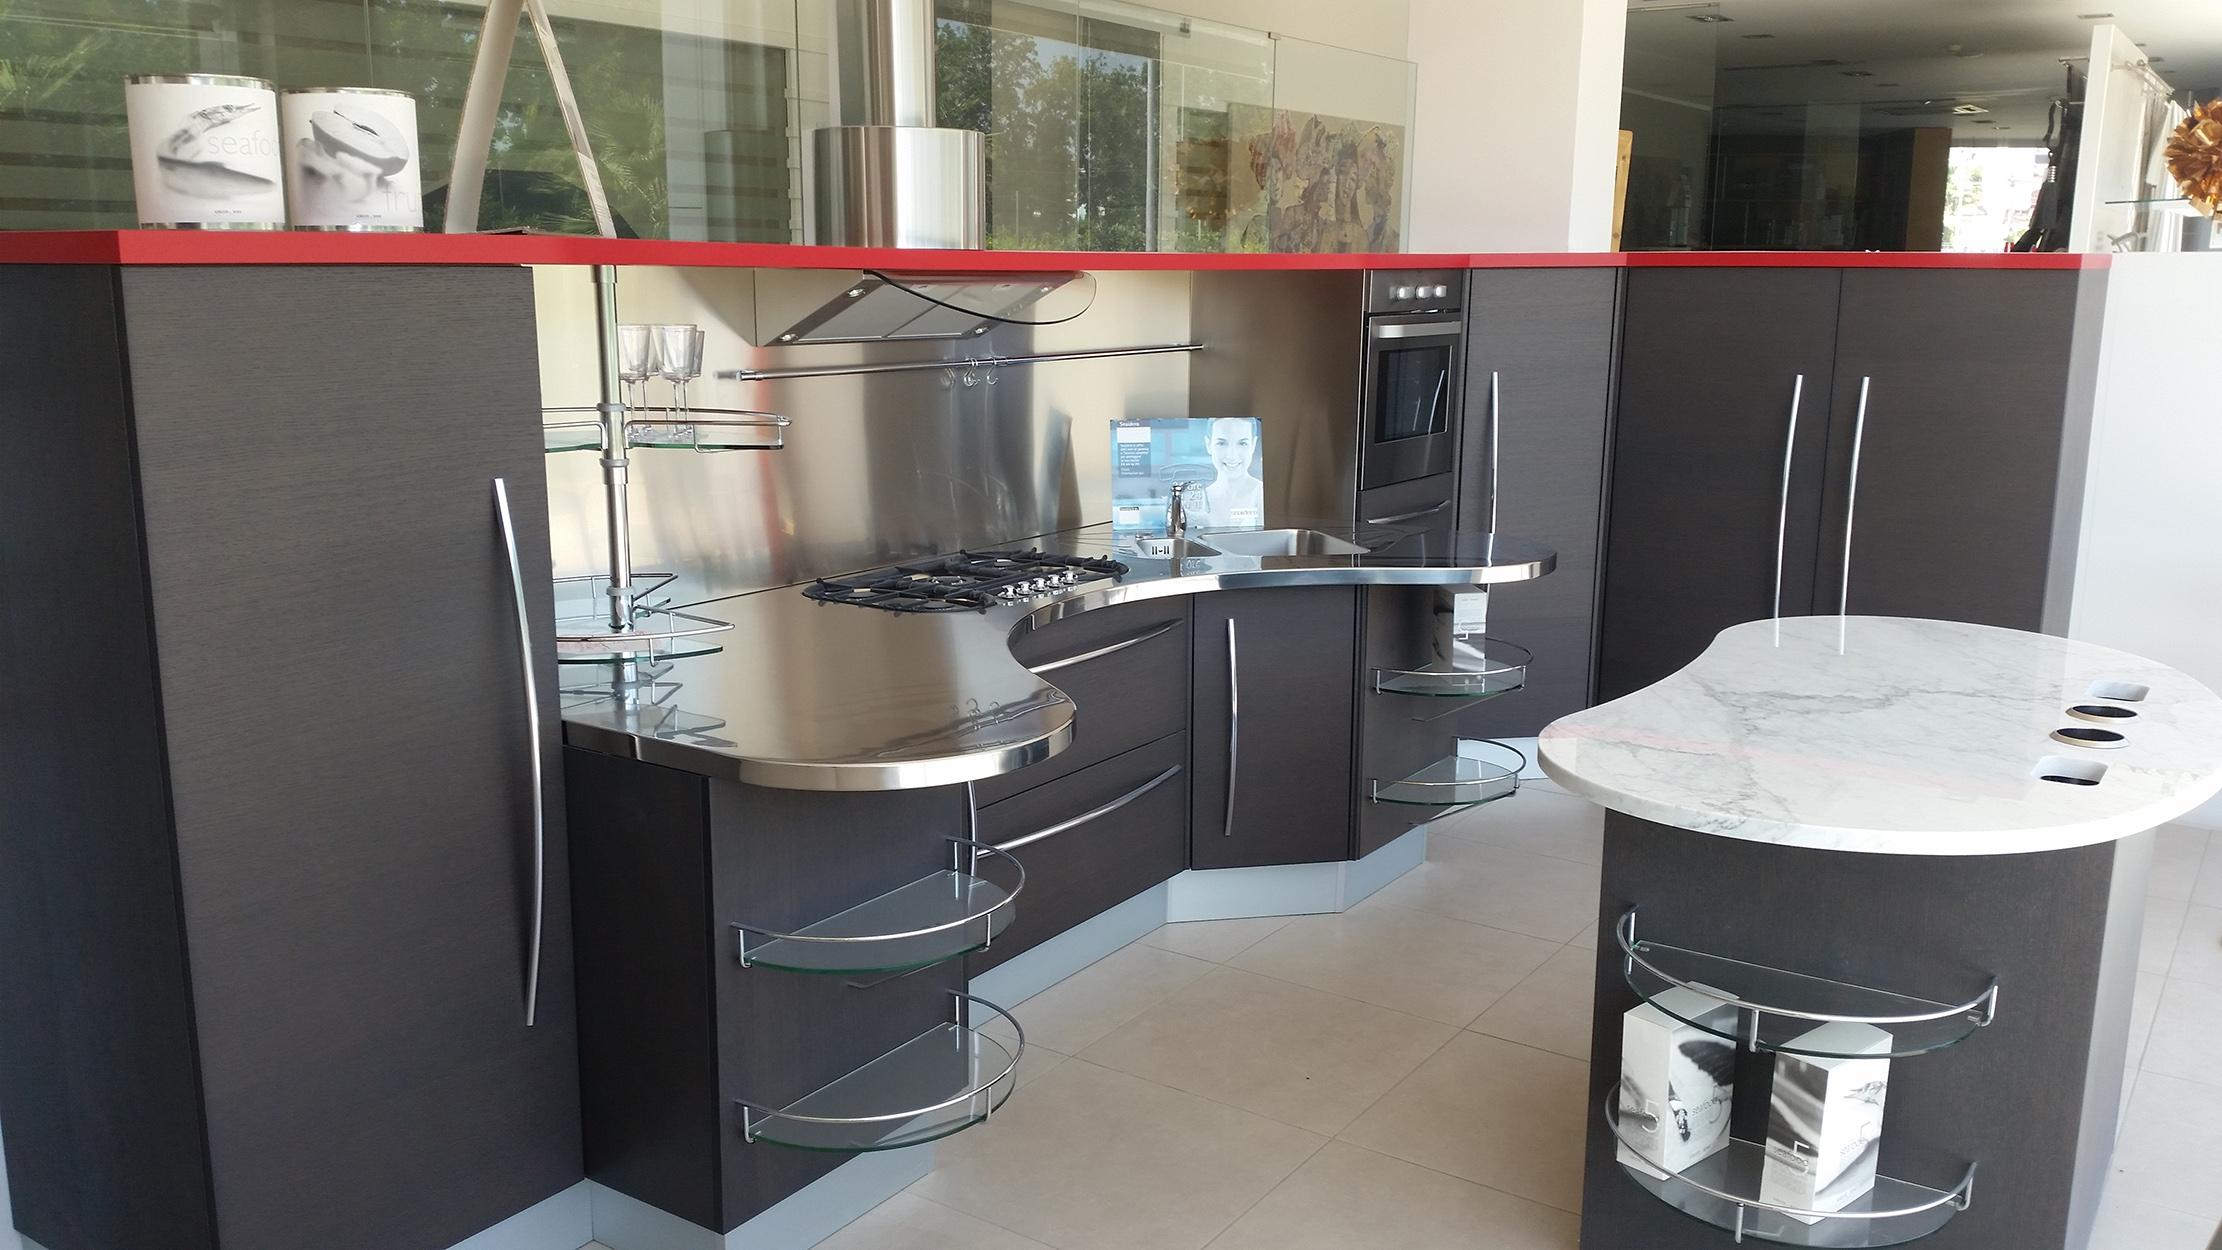 Mensola Con Faretti Incassati ~ Ispirazione design casa